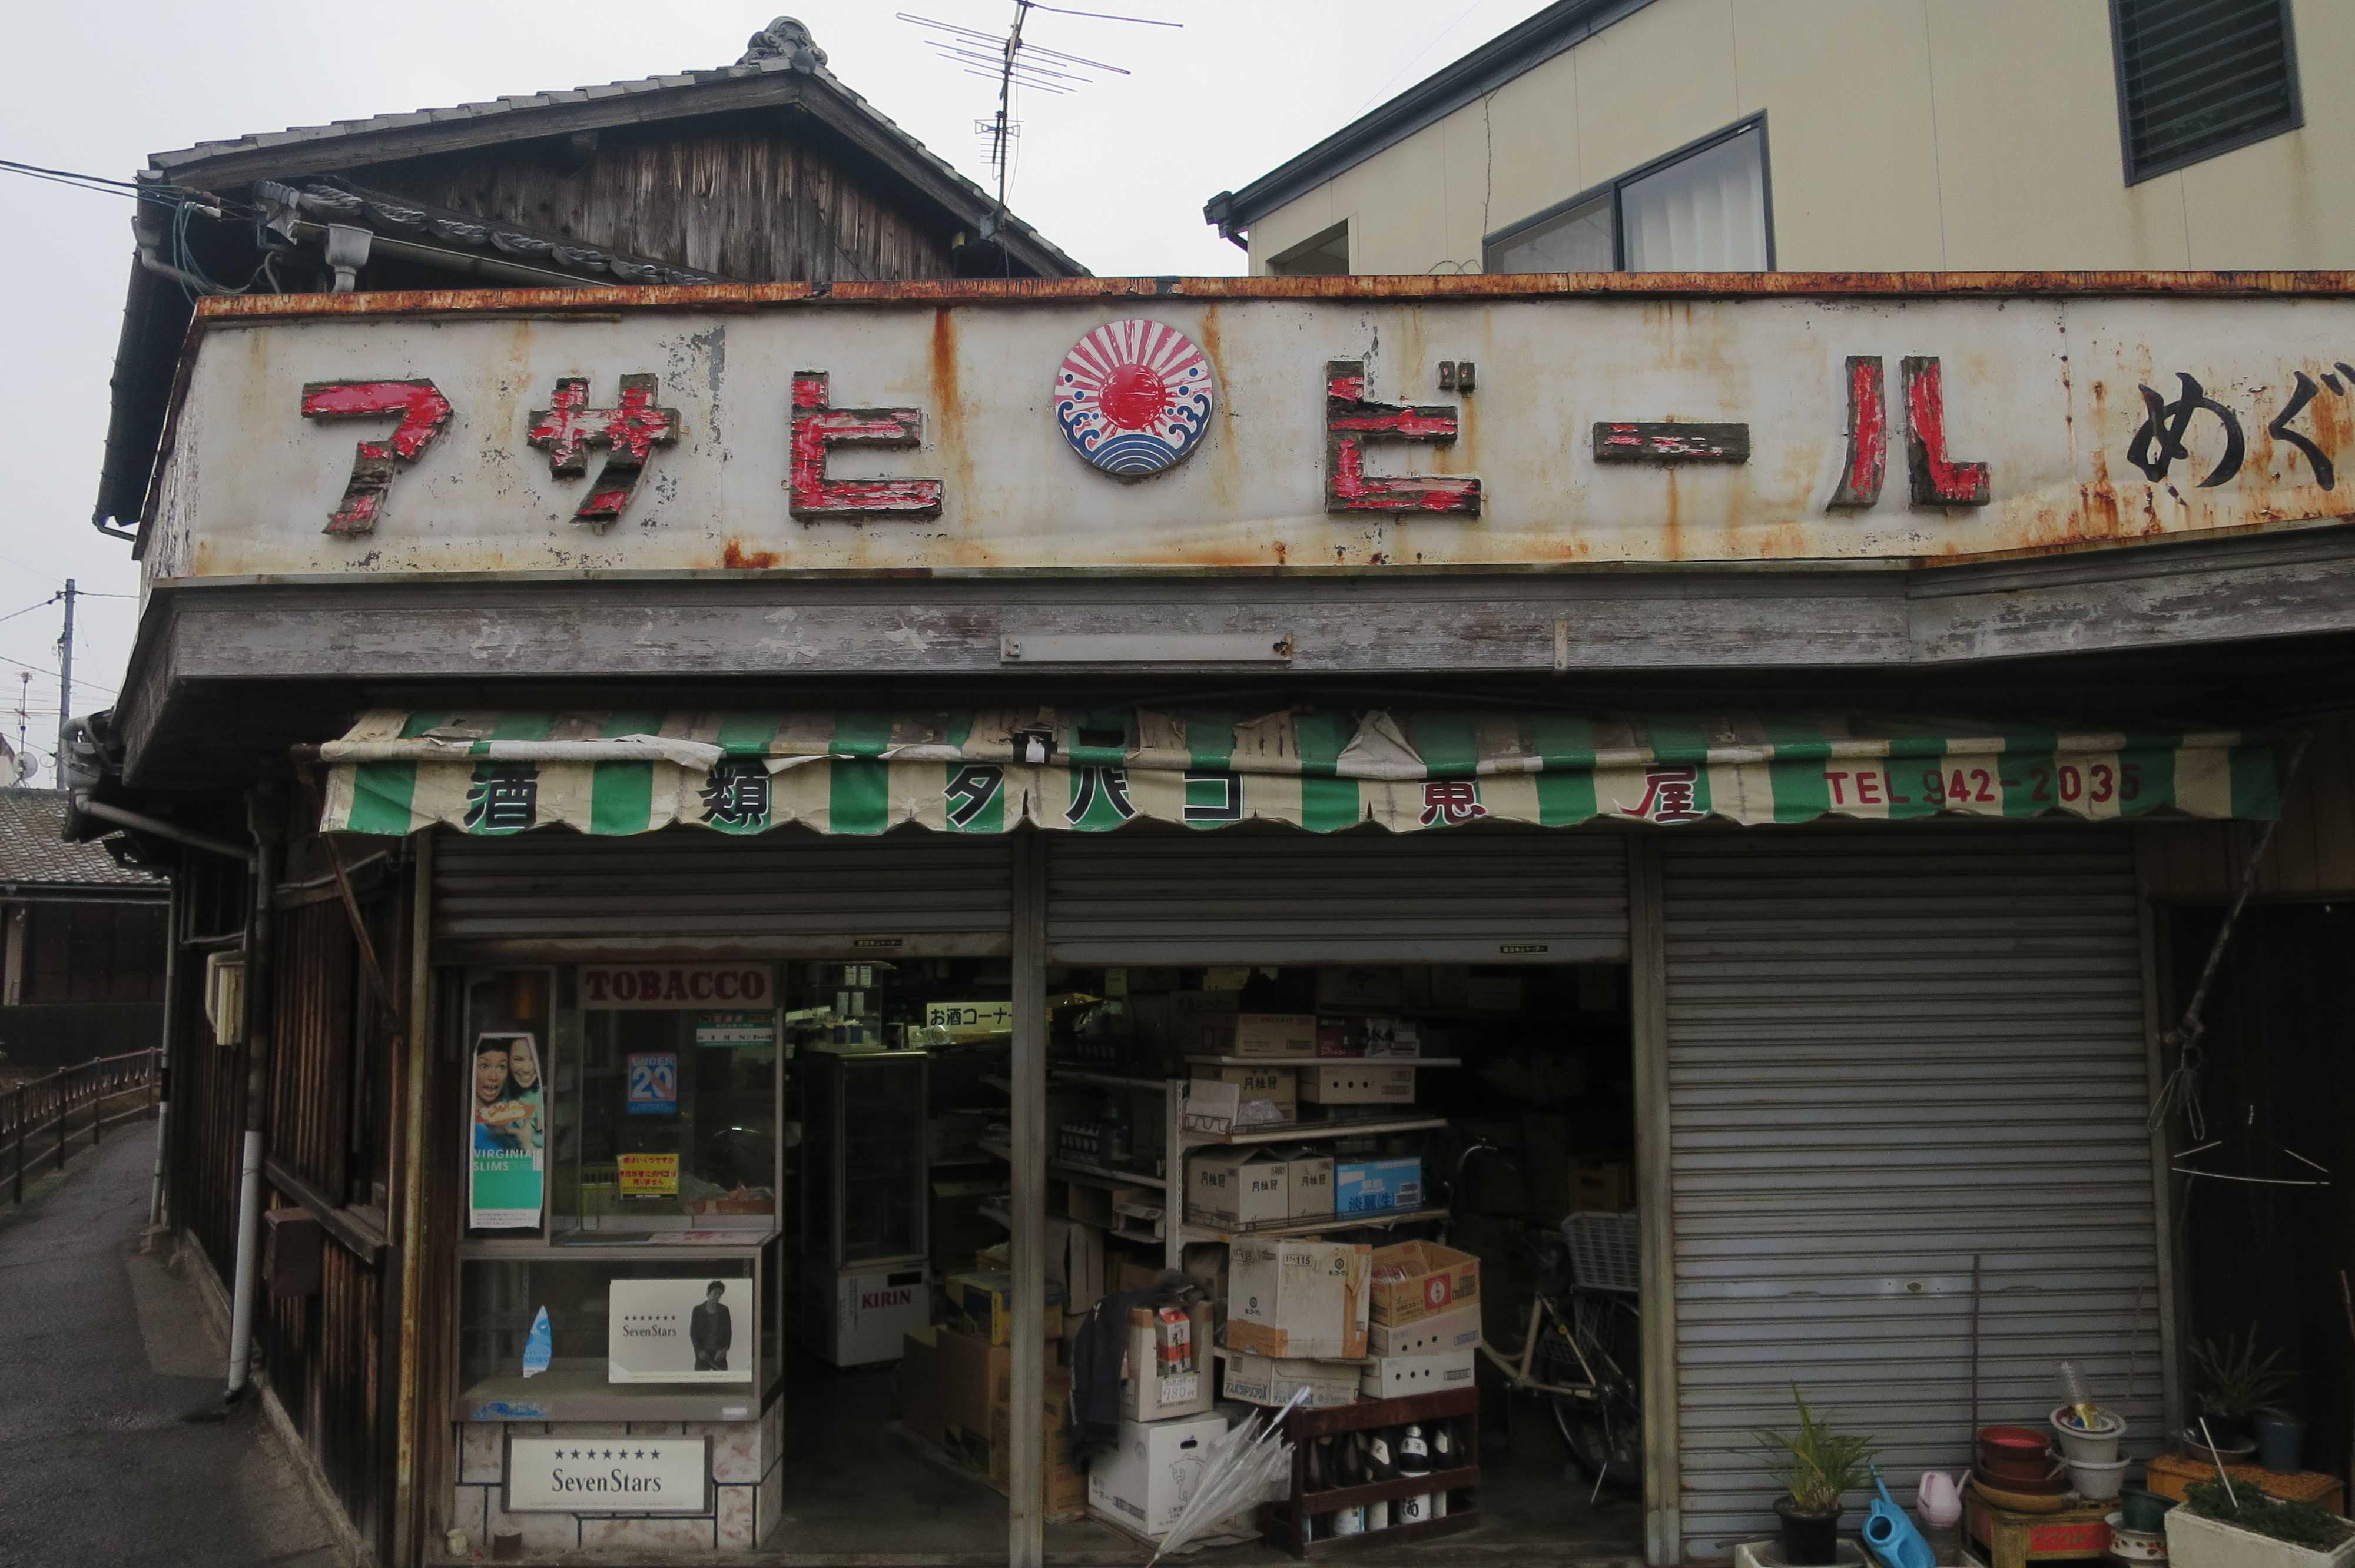 西大寺 - アサヒビールの古い看板